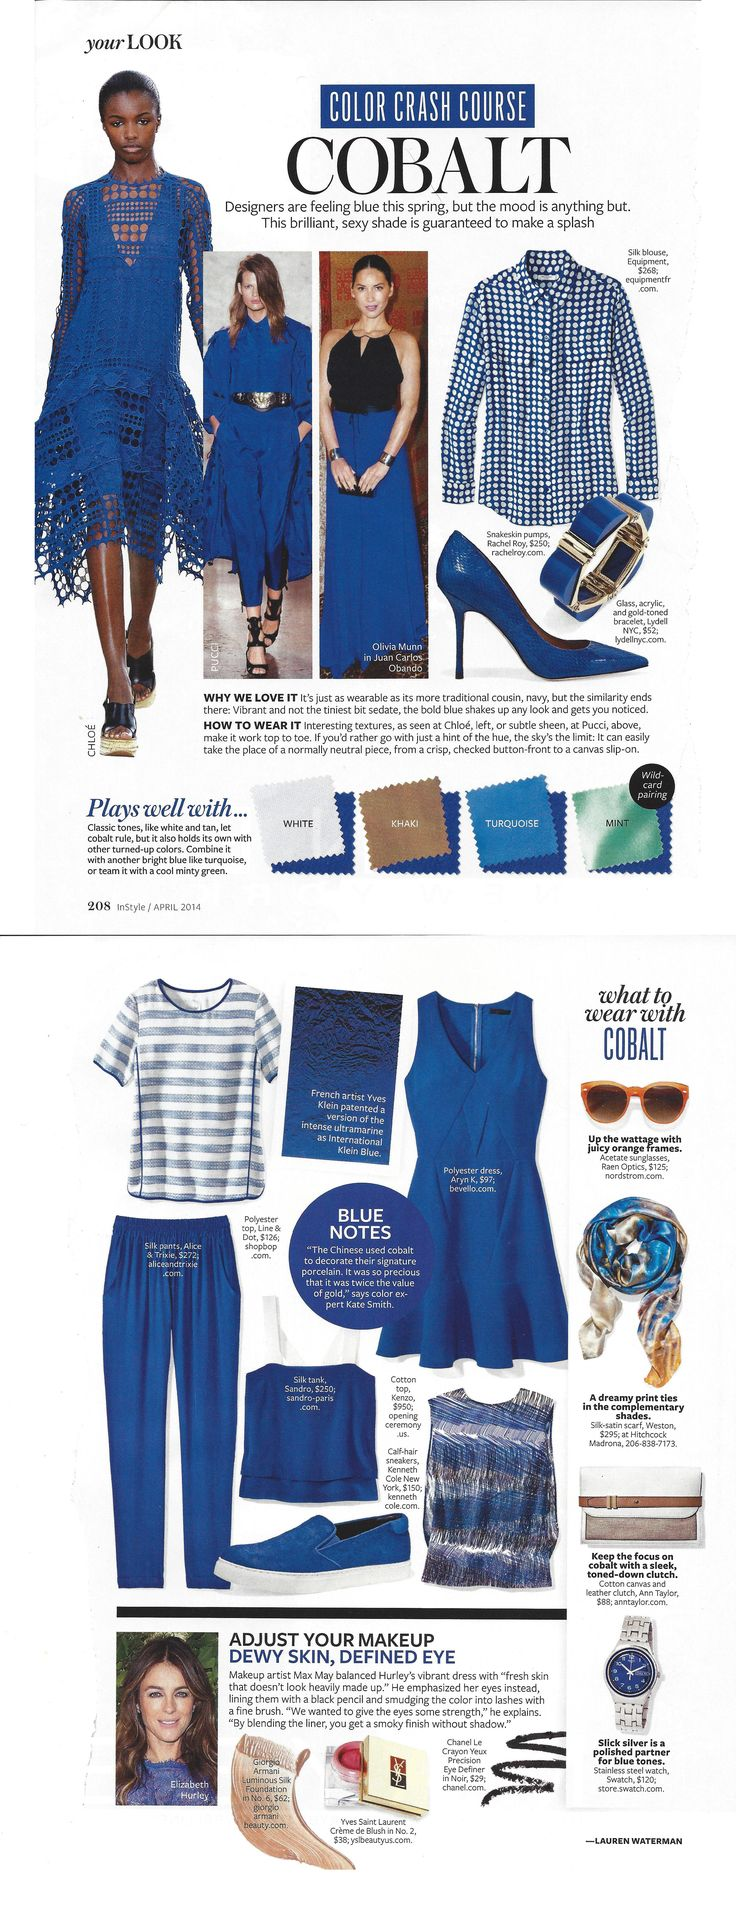 Instyle magazine April 2014 Cobalt Color Crash Course